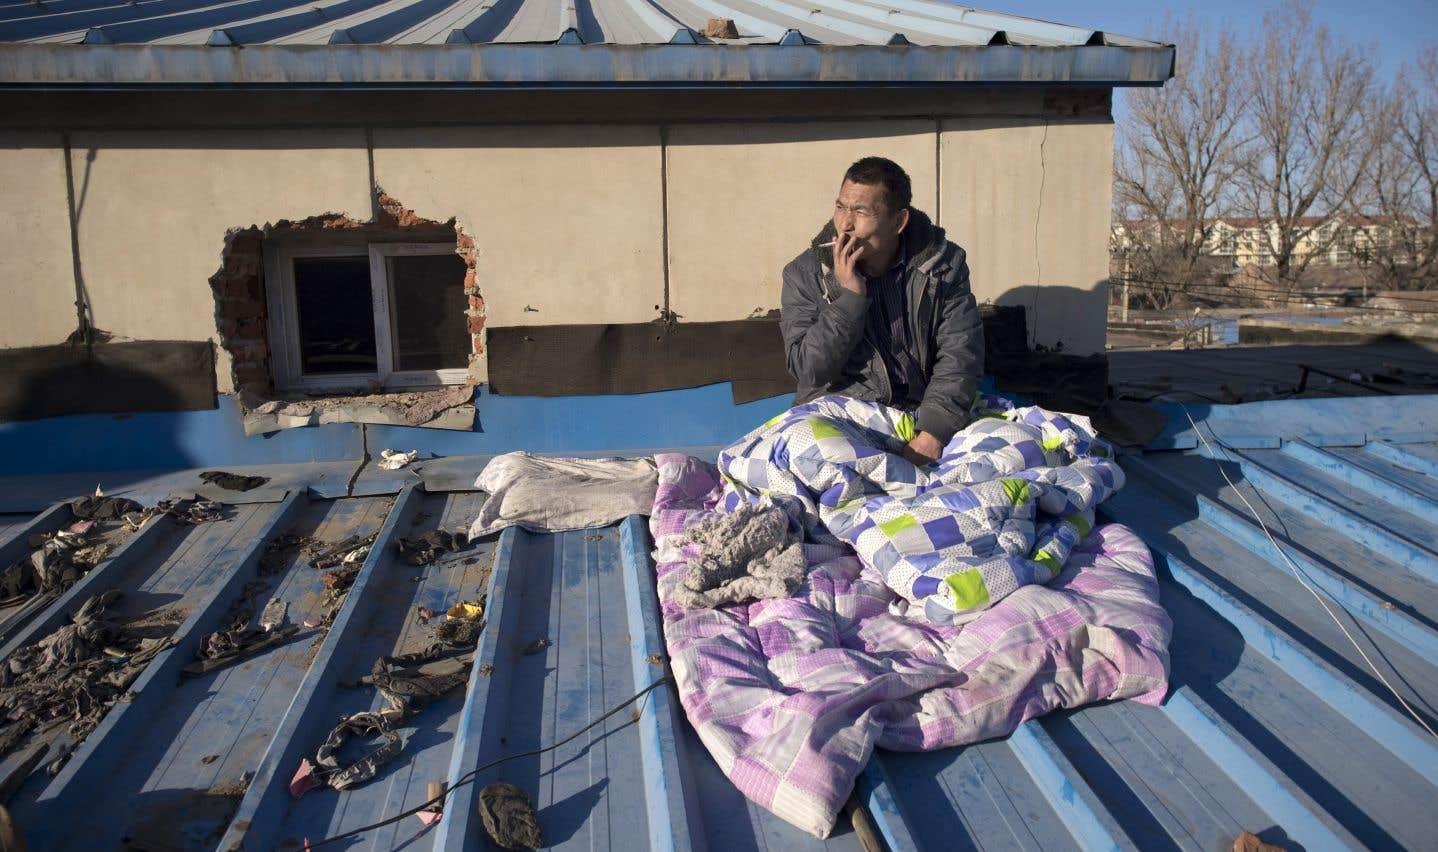 Un travailleur migrant se repose sur le toit de la maison dont il a été évincé dans un village des environs de Pékin.